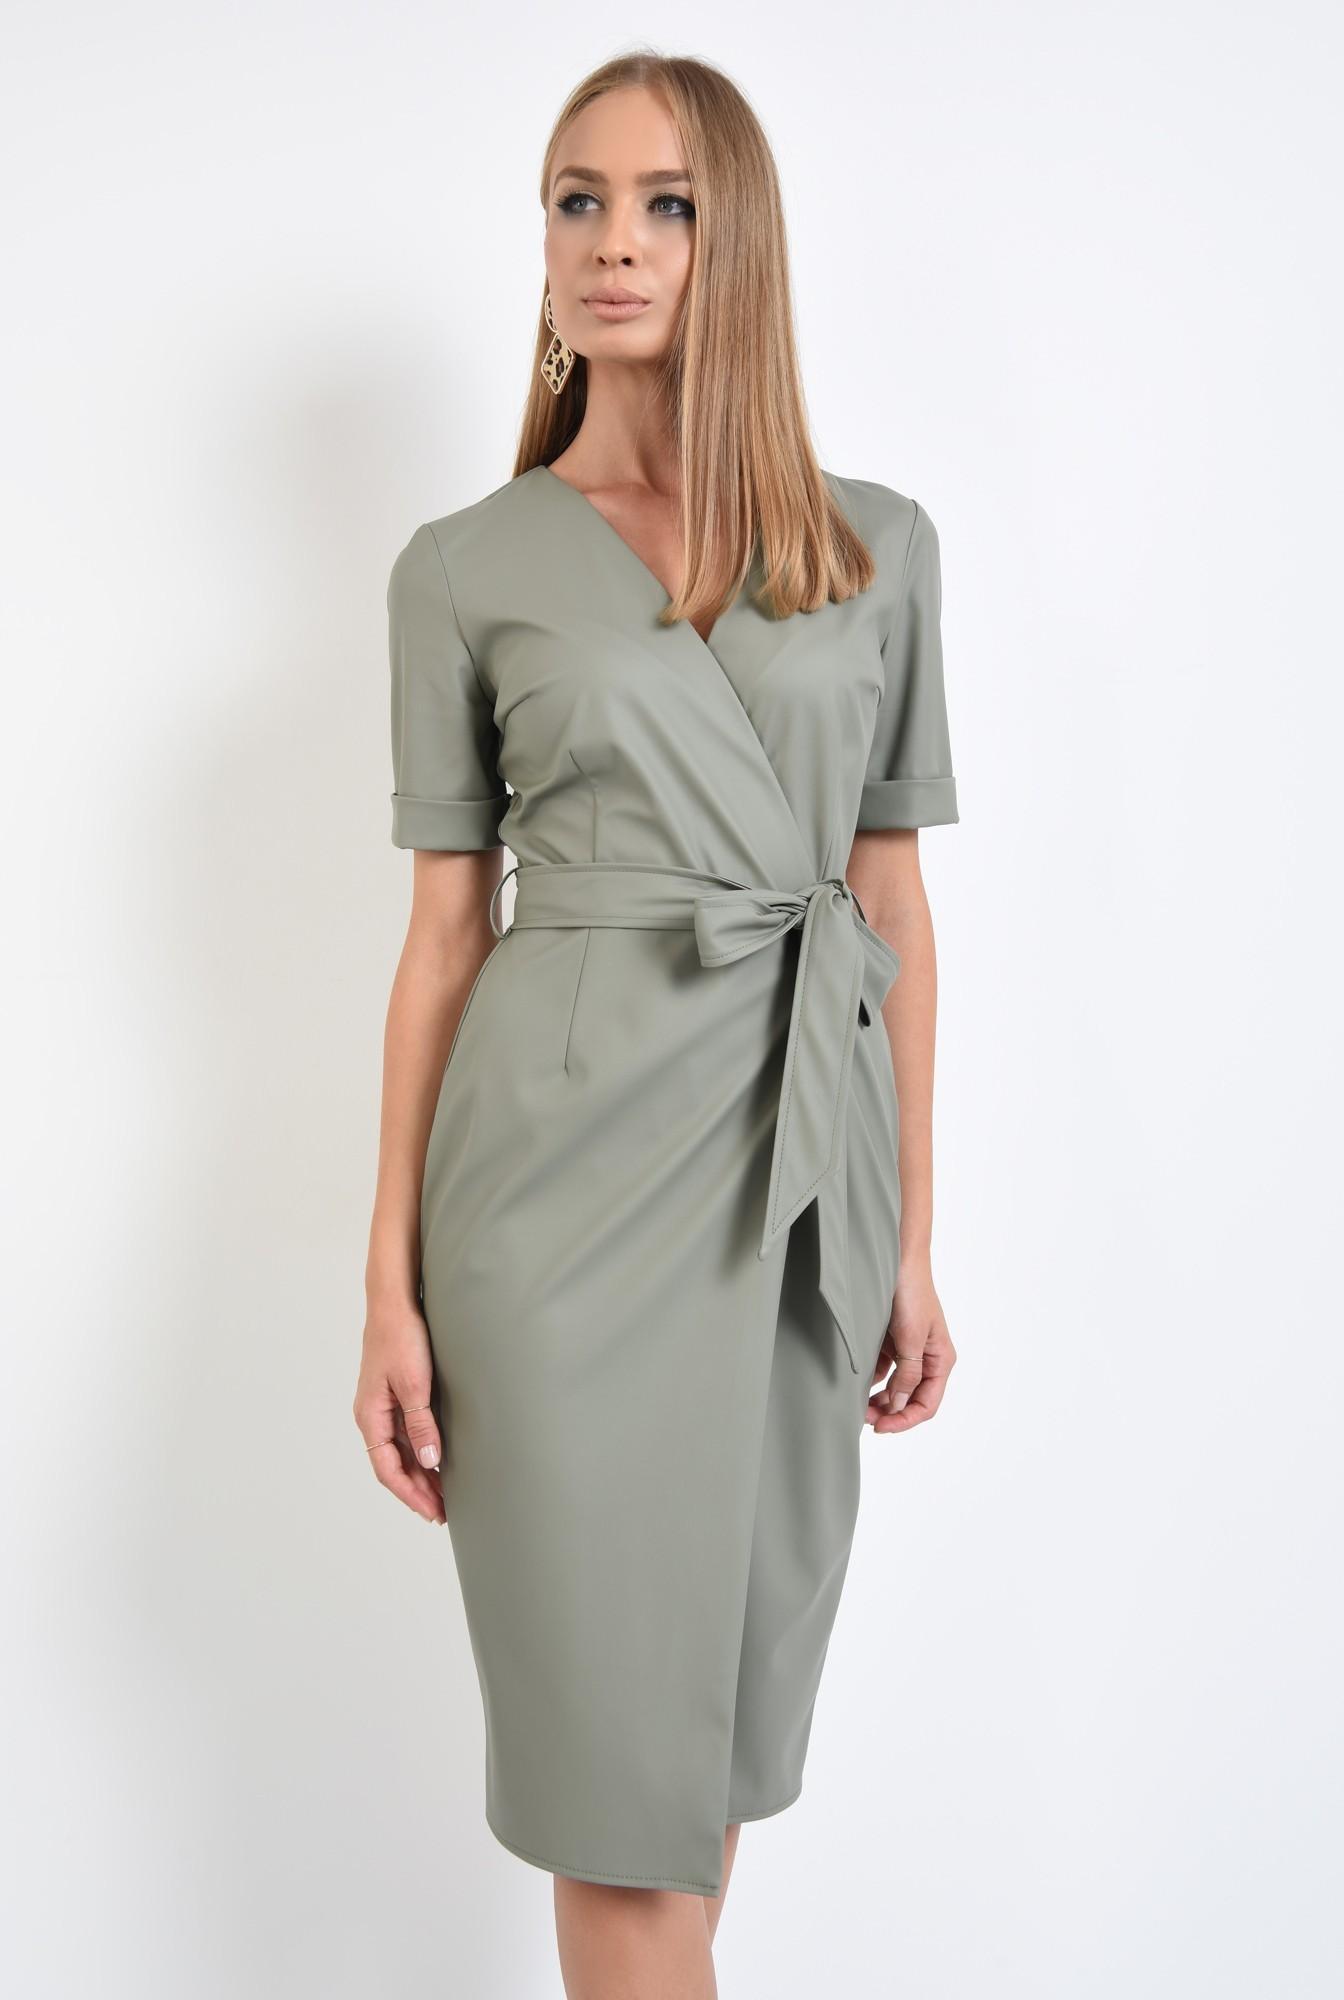 0 - 360 - rochie din piele eco, petrecuta, cordon, maneci scurte